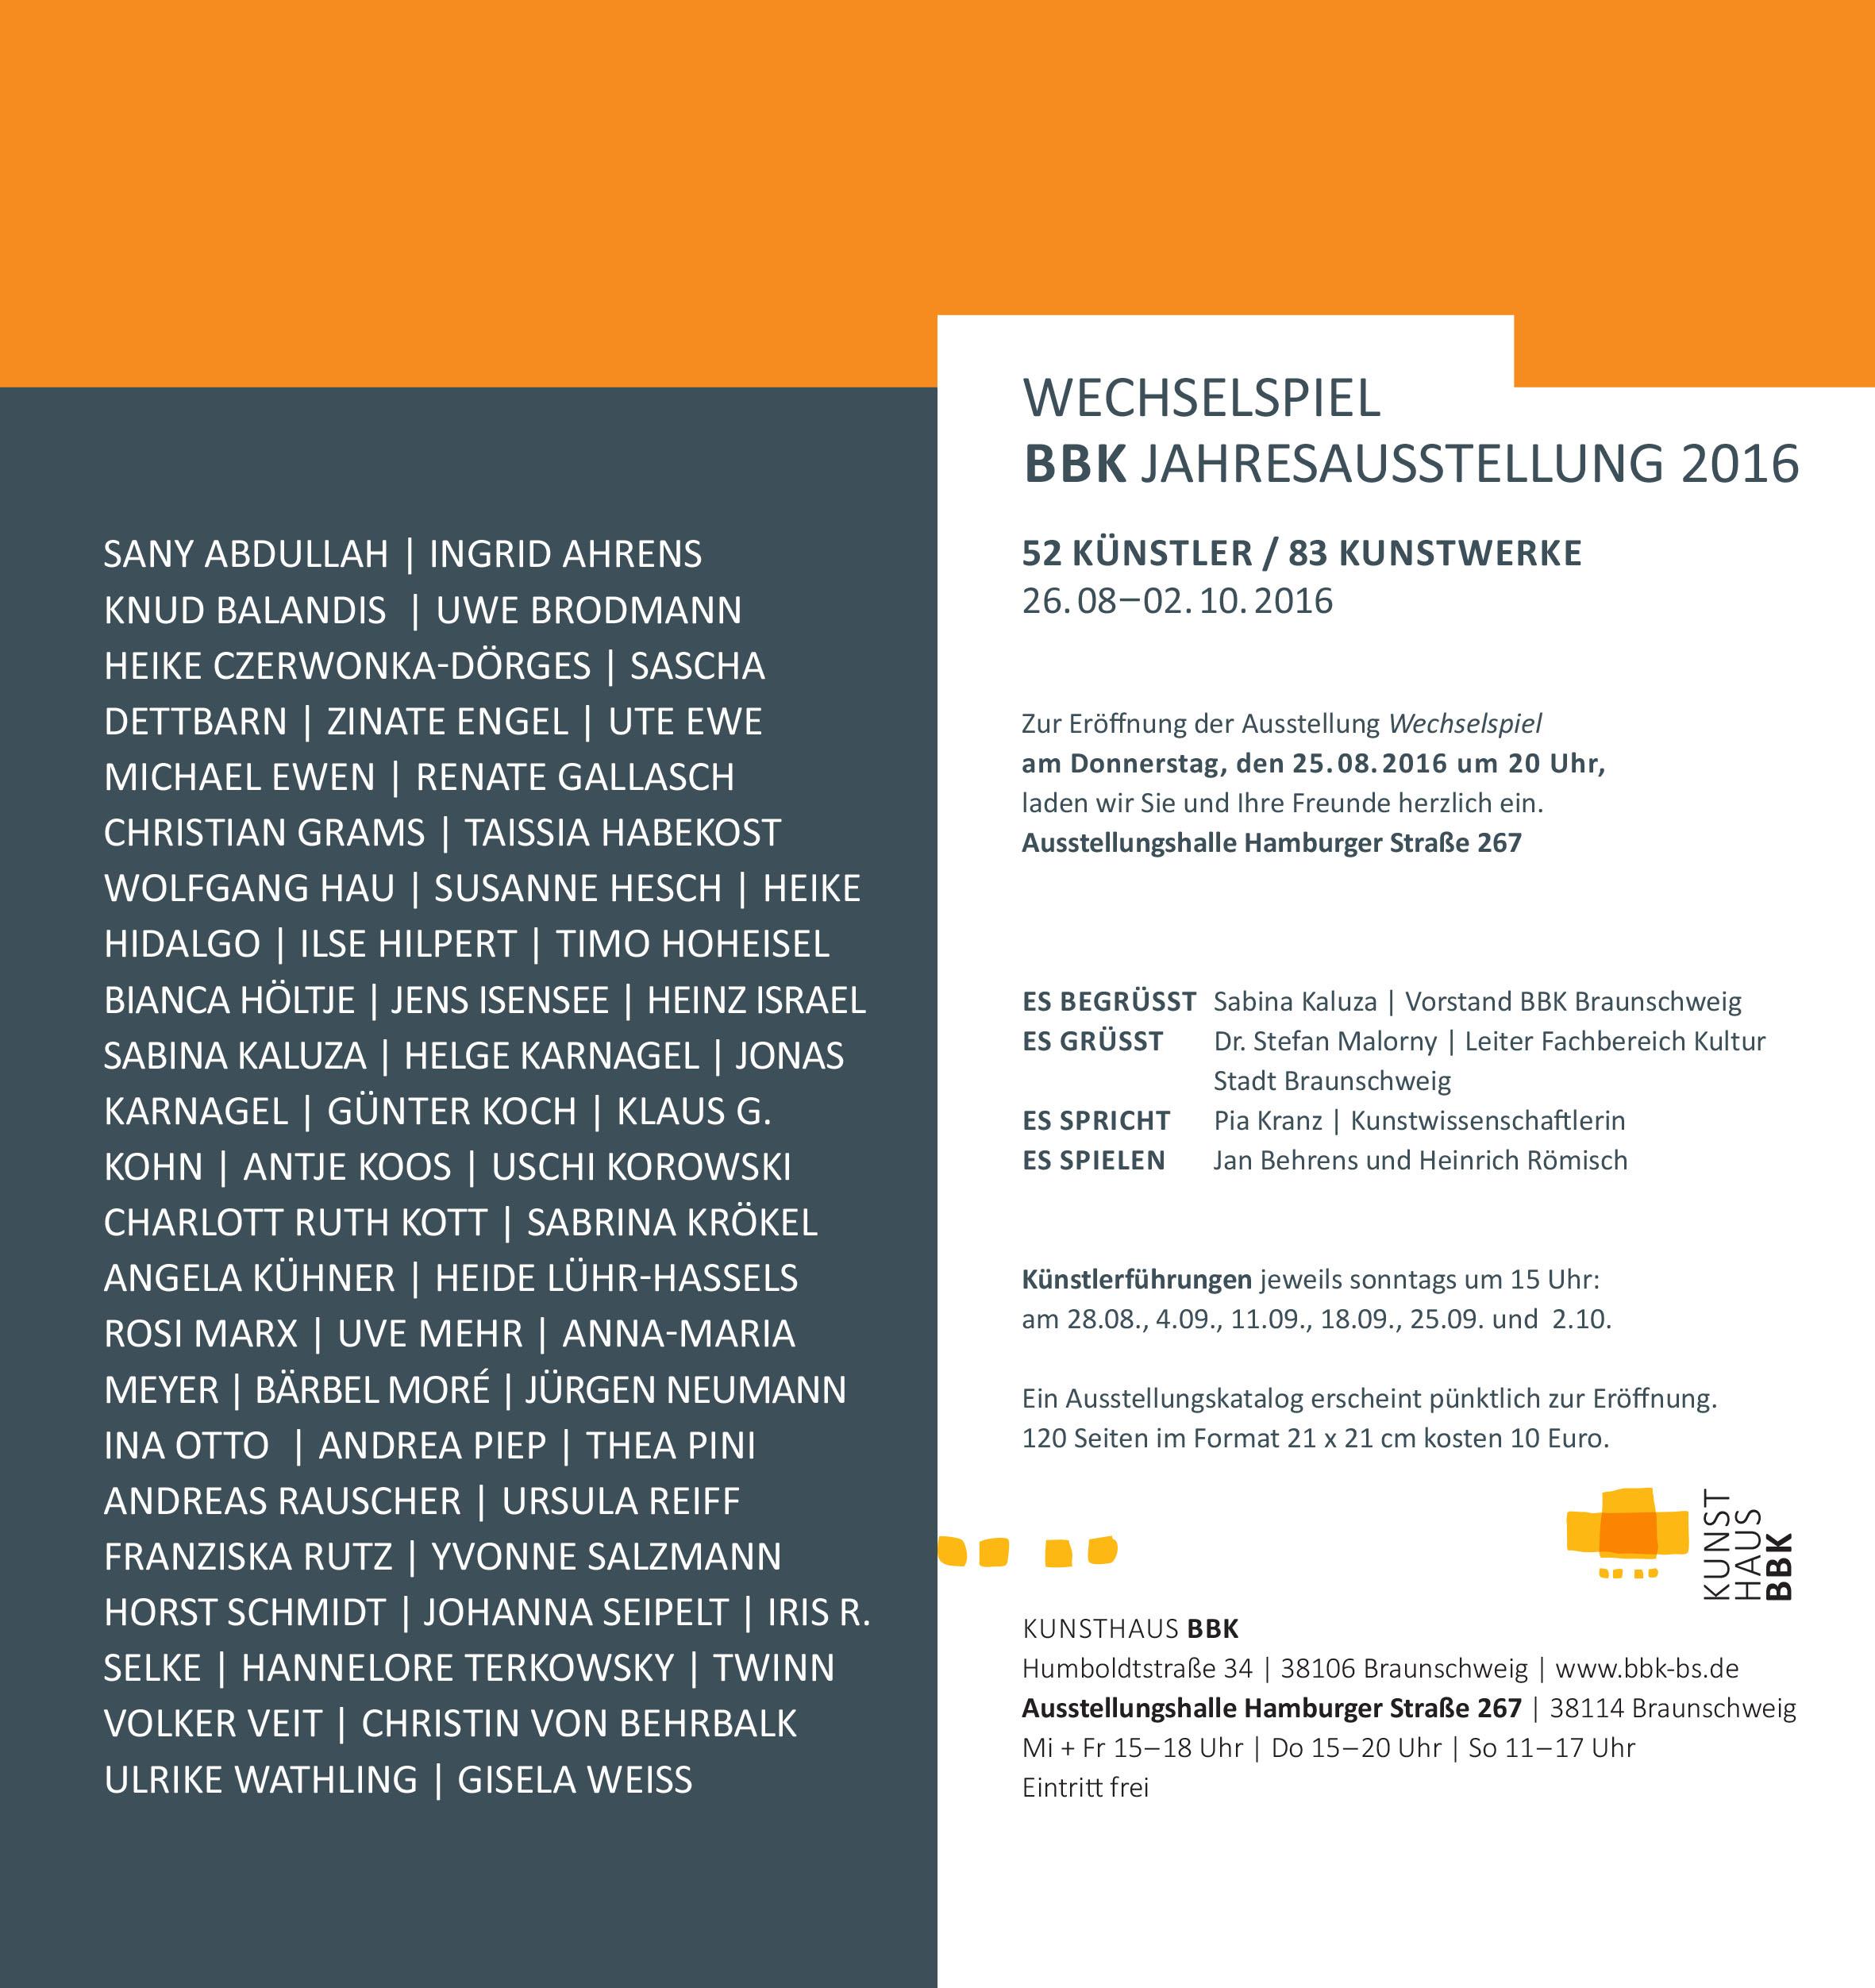 WEB-BBK JA 2016 Karte 4-seitig-2